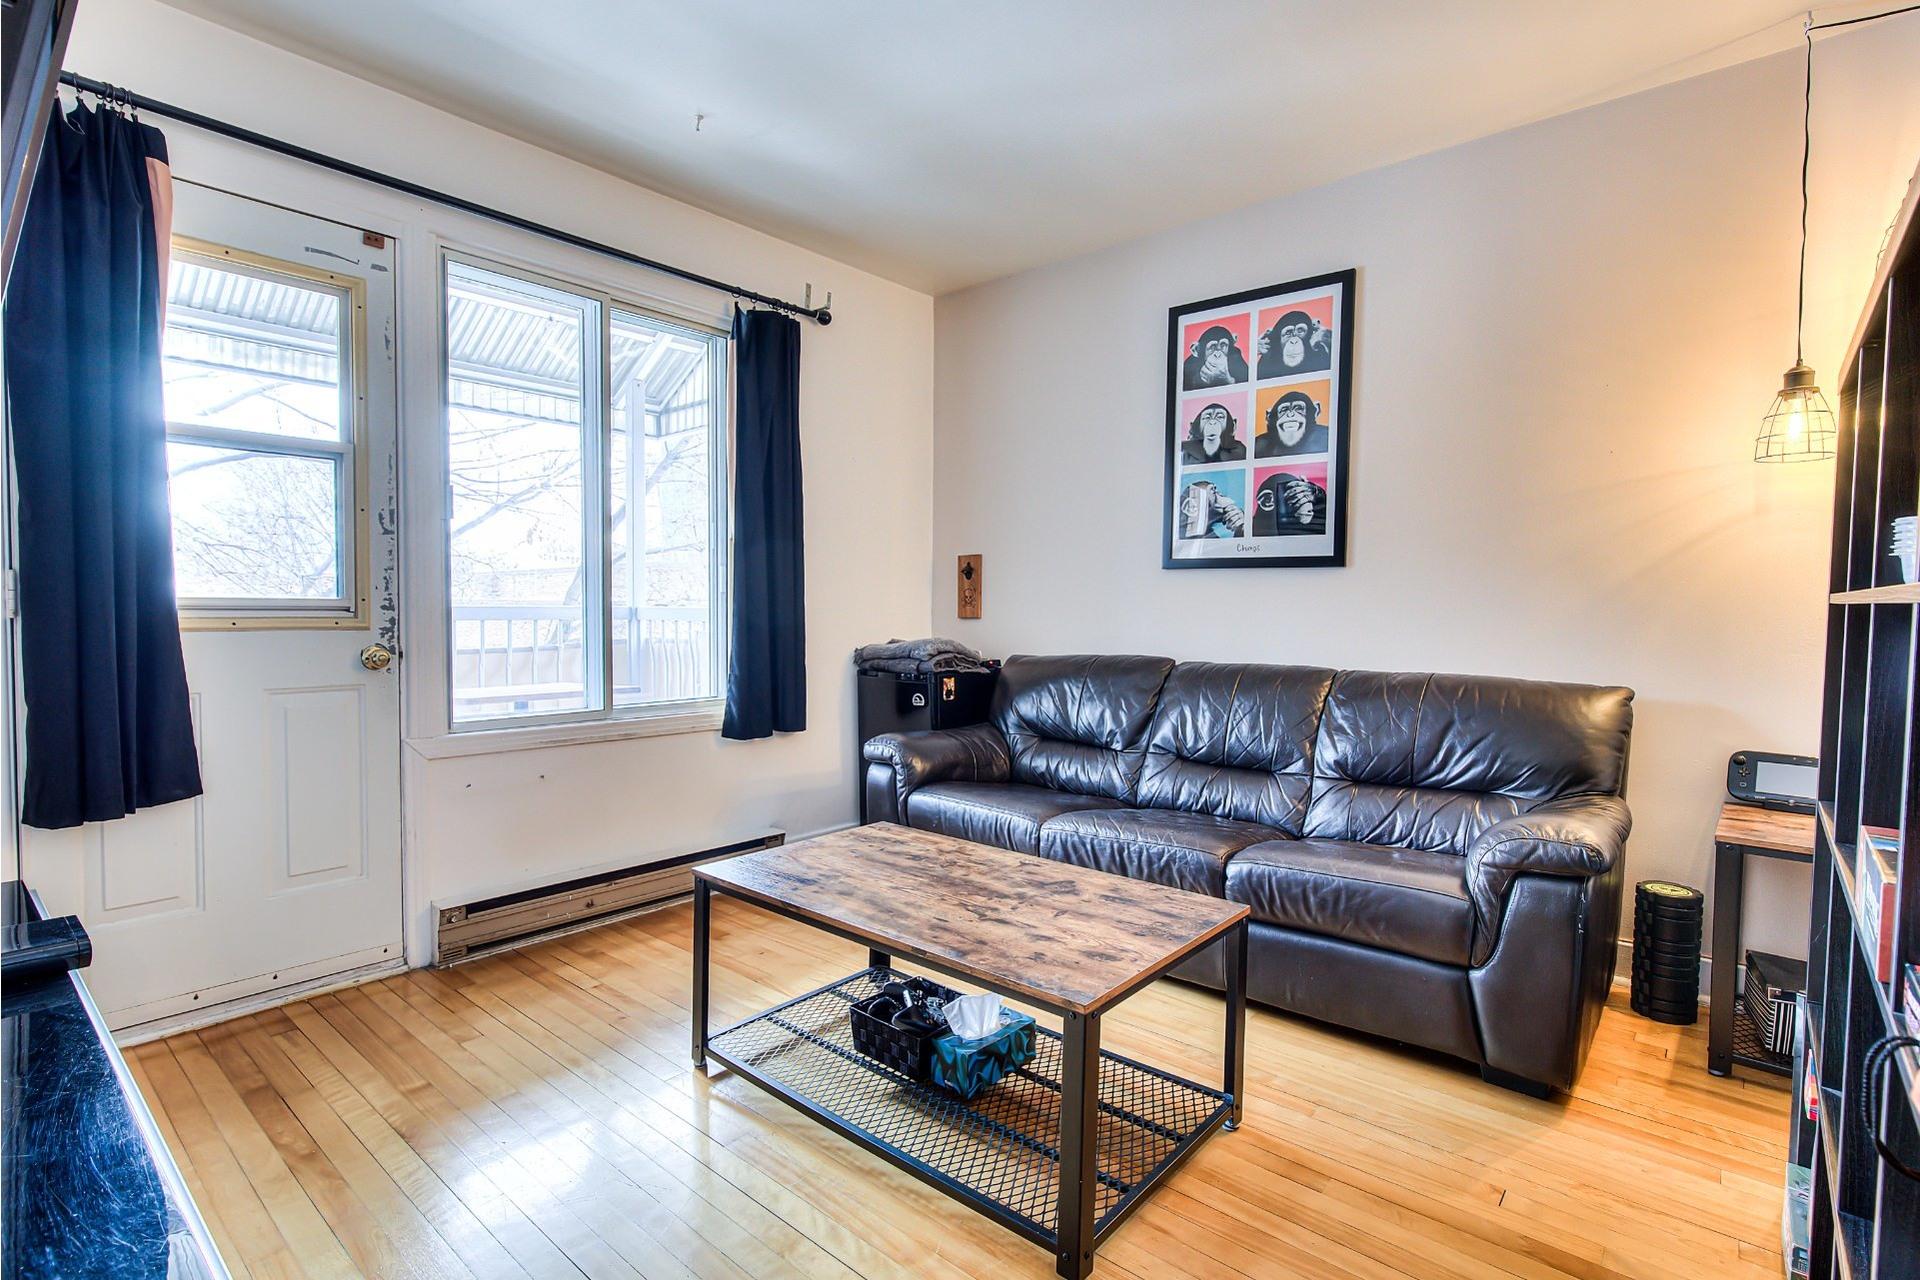 image 11 - Income property For sale Villeray/Saint-Michel/Parc-Extension Montréal  - 4 rooms